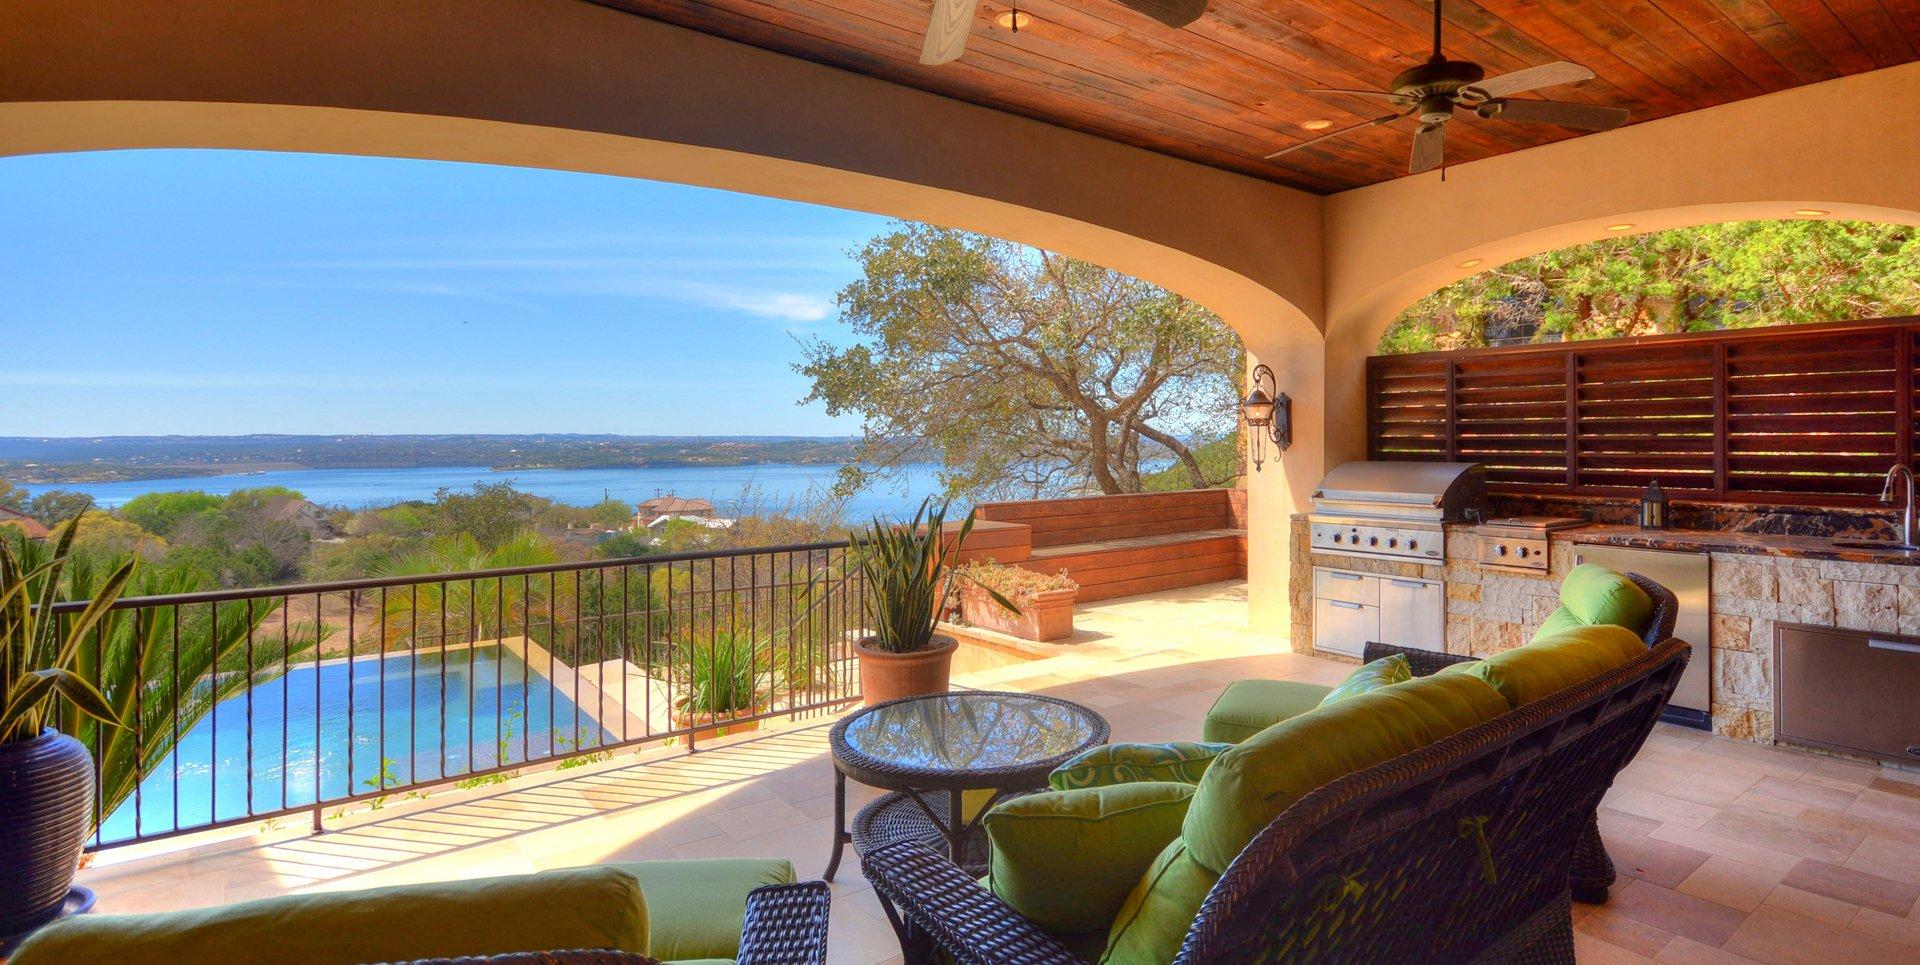 Lake Travis Real Estate - Moreland Properties